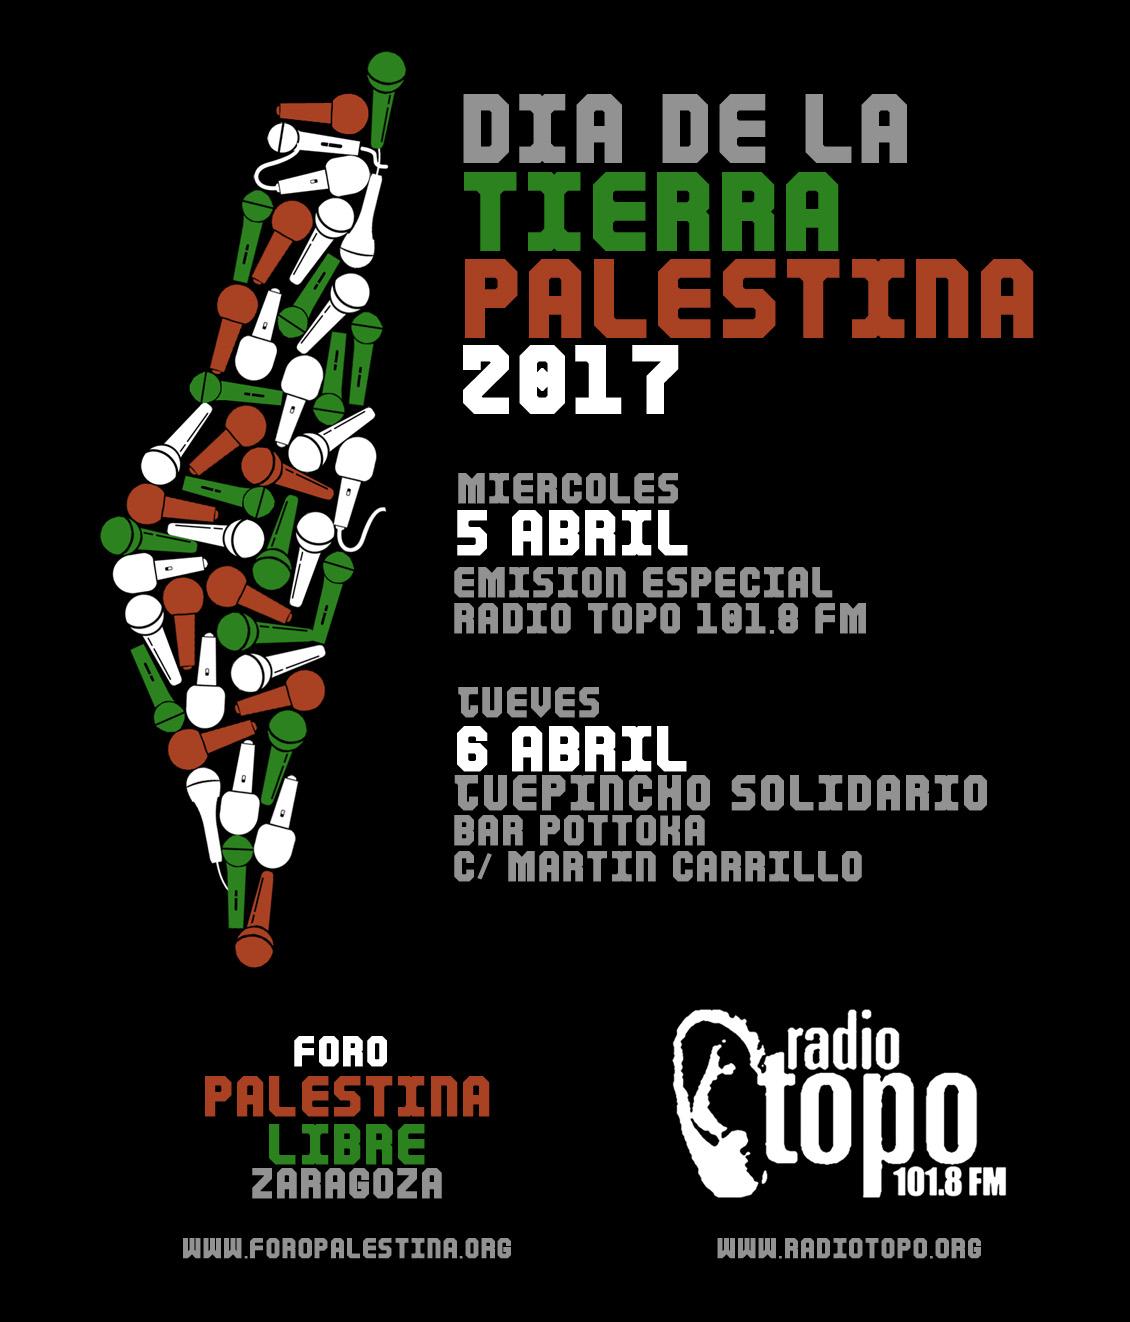 Celebración del Dia de la Tierra Palestina 2017